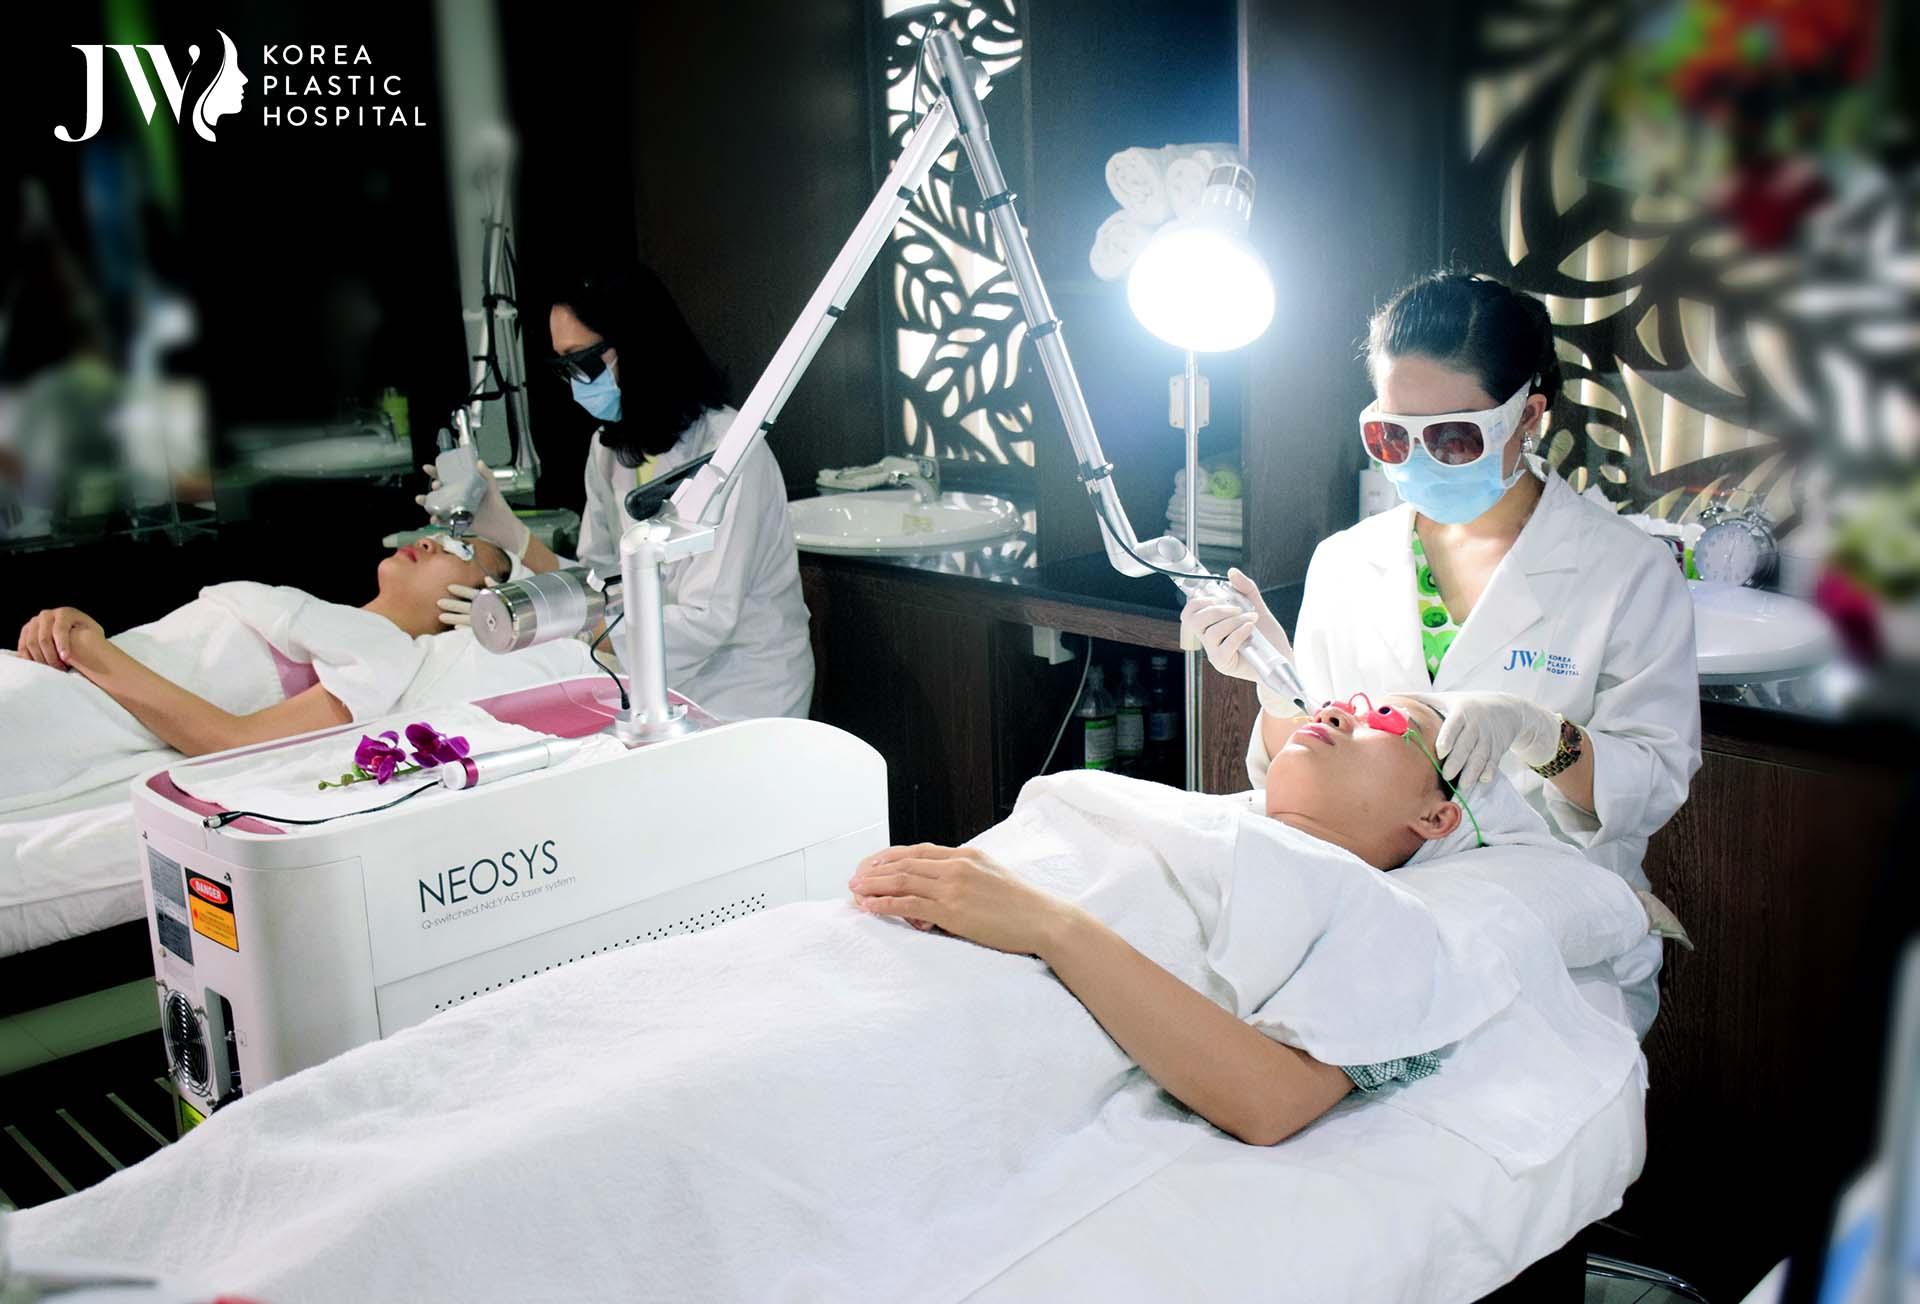 Laser thế hệ mới Q-switched ND YAG là giải pháp trị bớt bẩm sinh hiệu quả nhất hiện nay